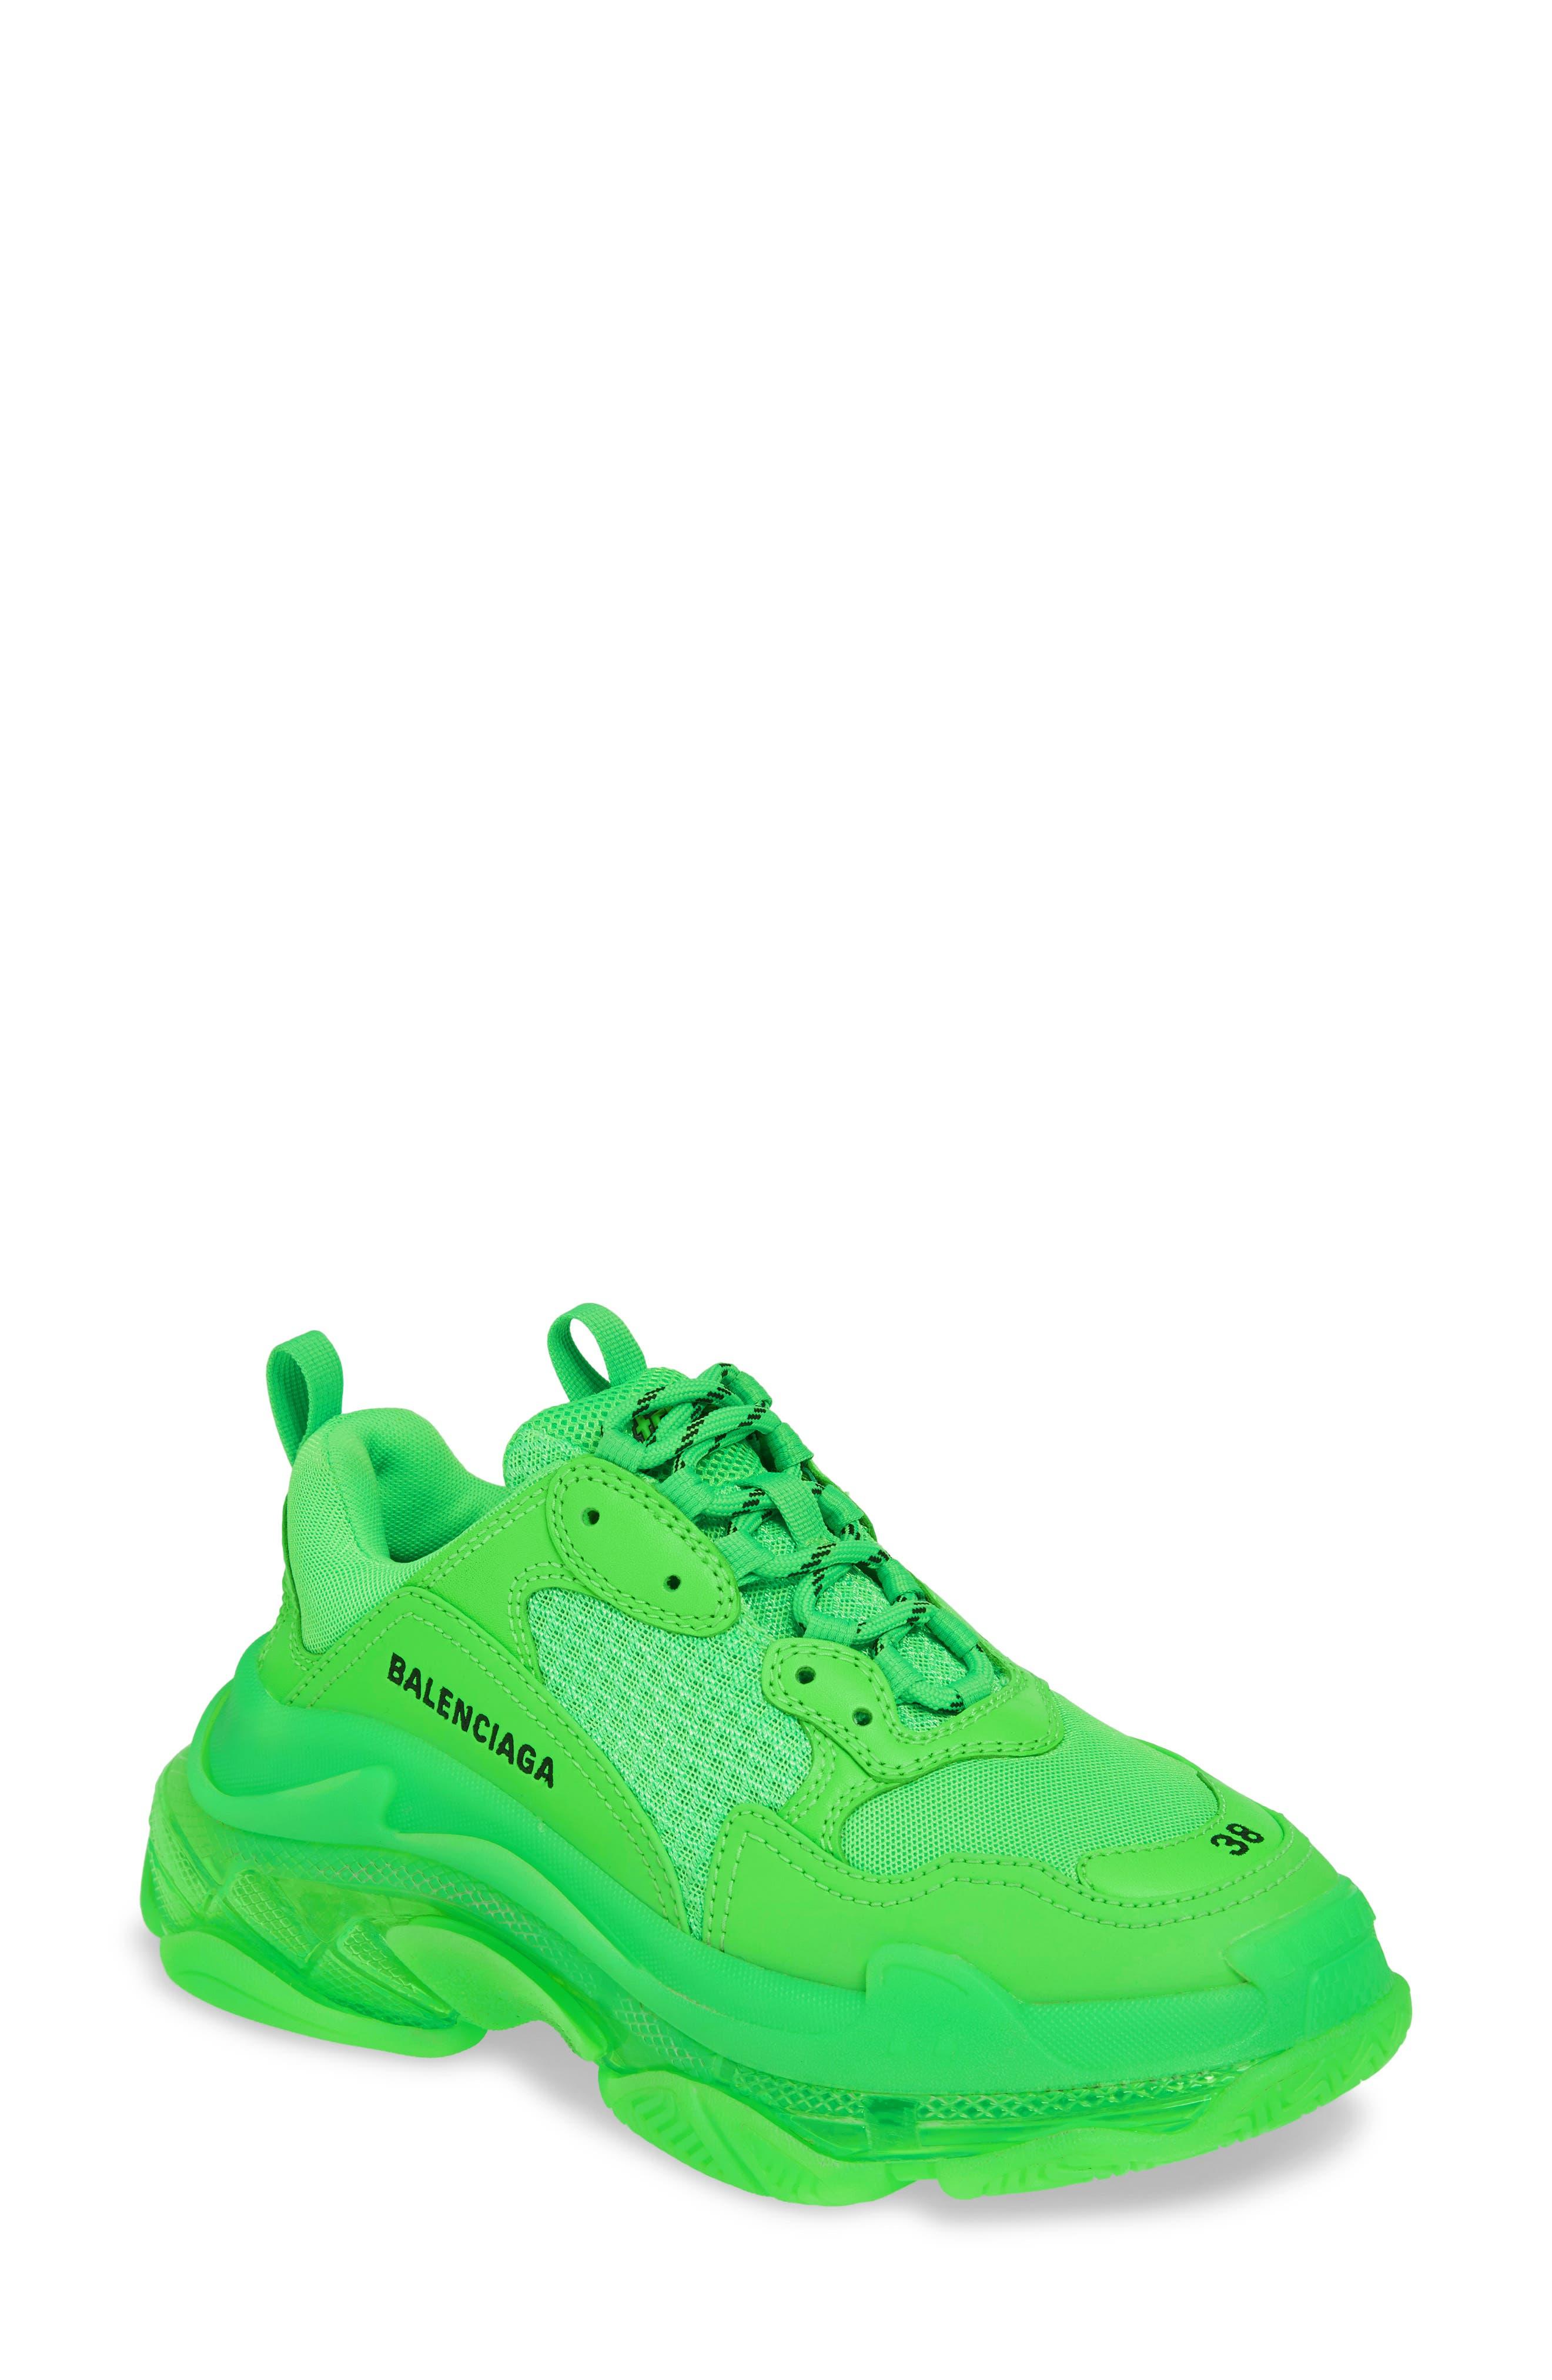 BALENCIAGA, Triple S Low Top Sneaker, Main thumbnail 1, color, GREEN FLUO